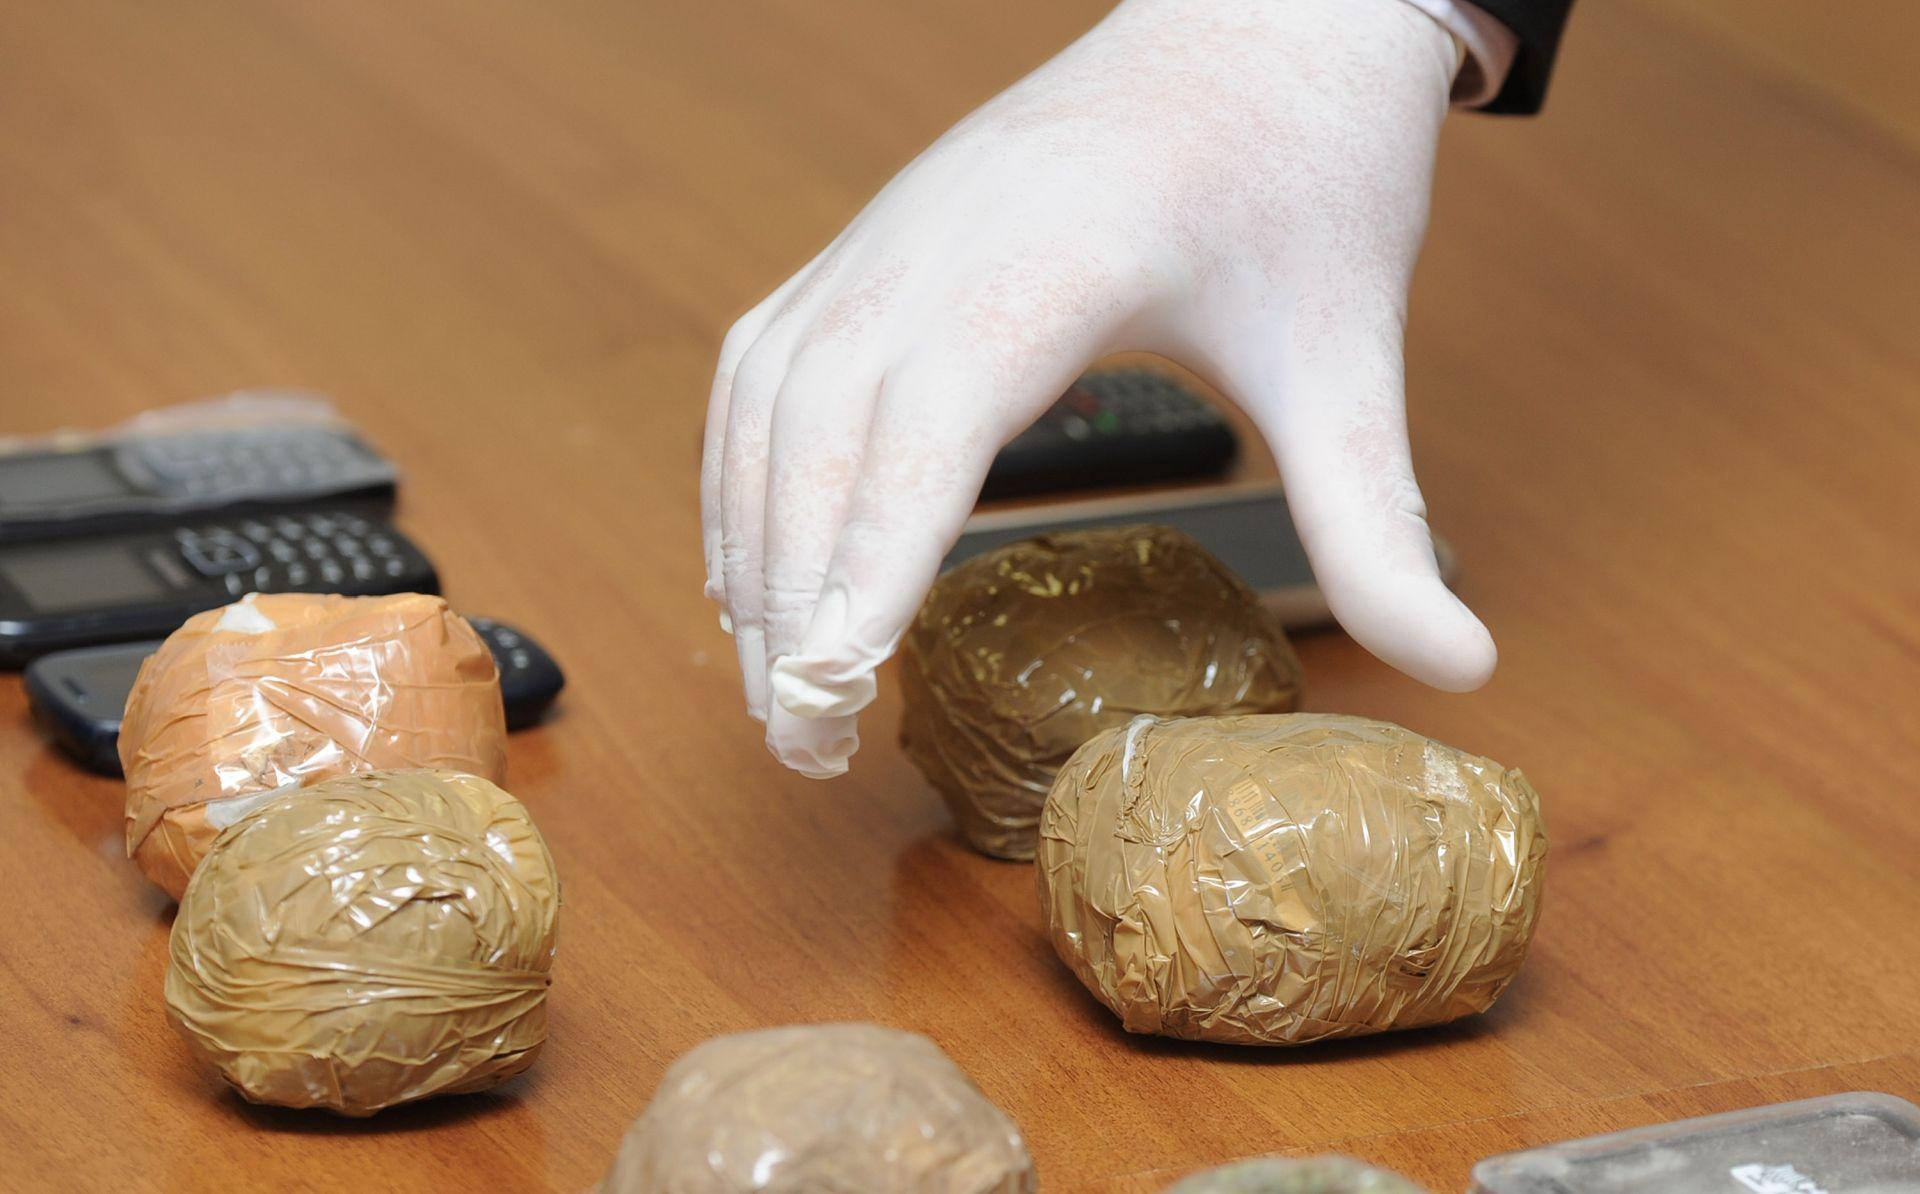 ZADAR Policija uhitila dva dilera s 200 grama heroina